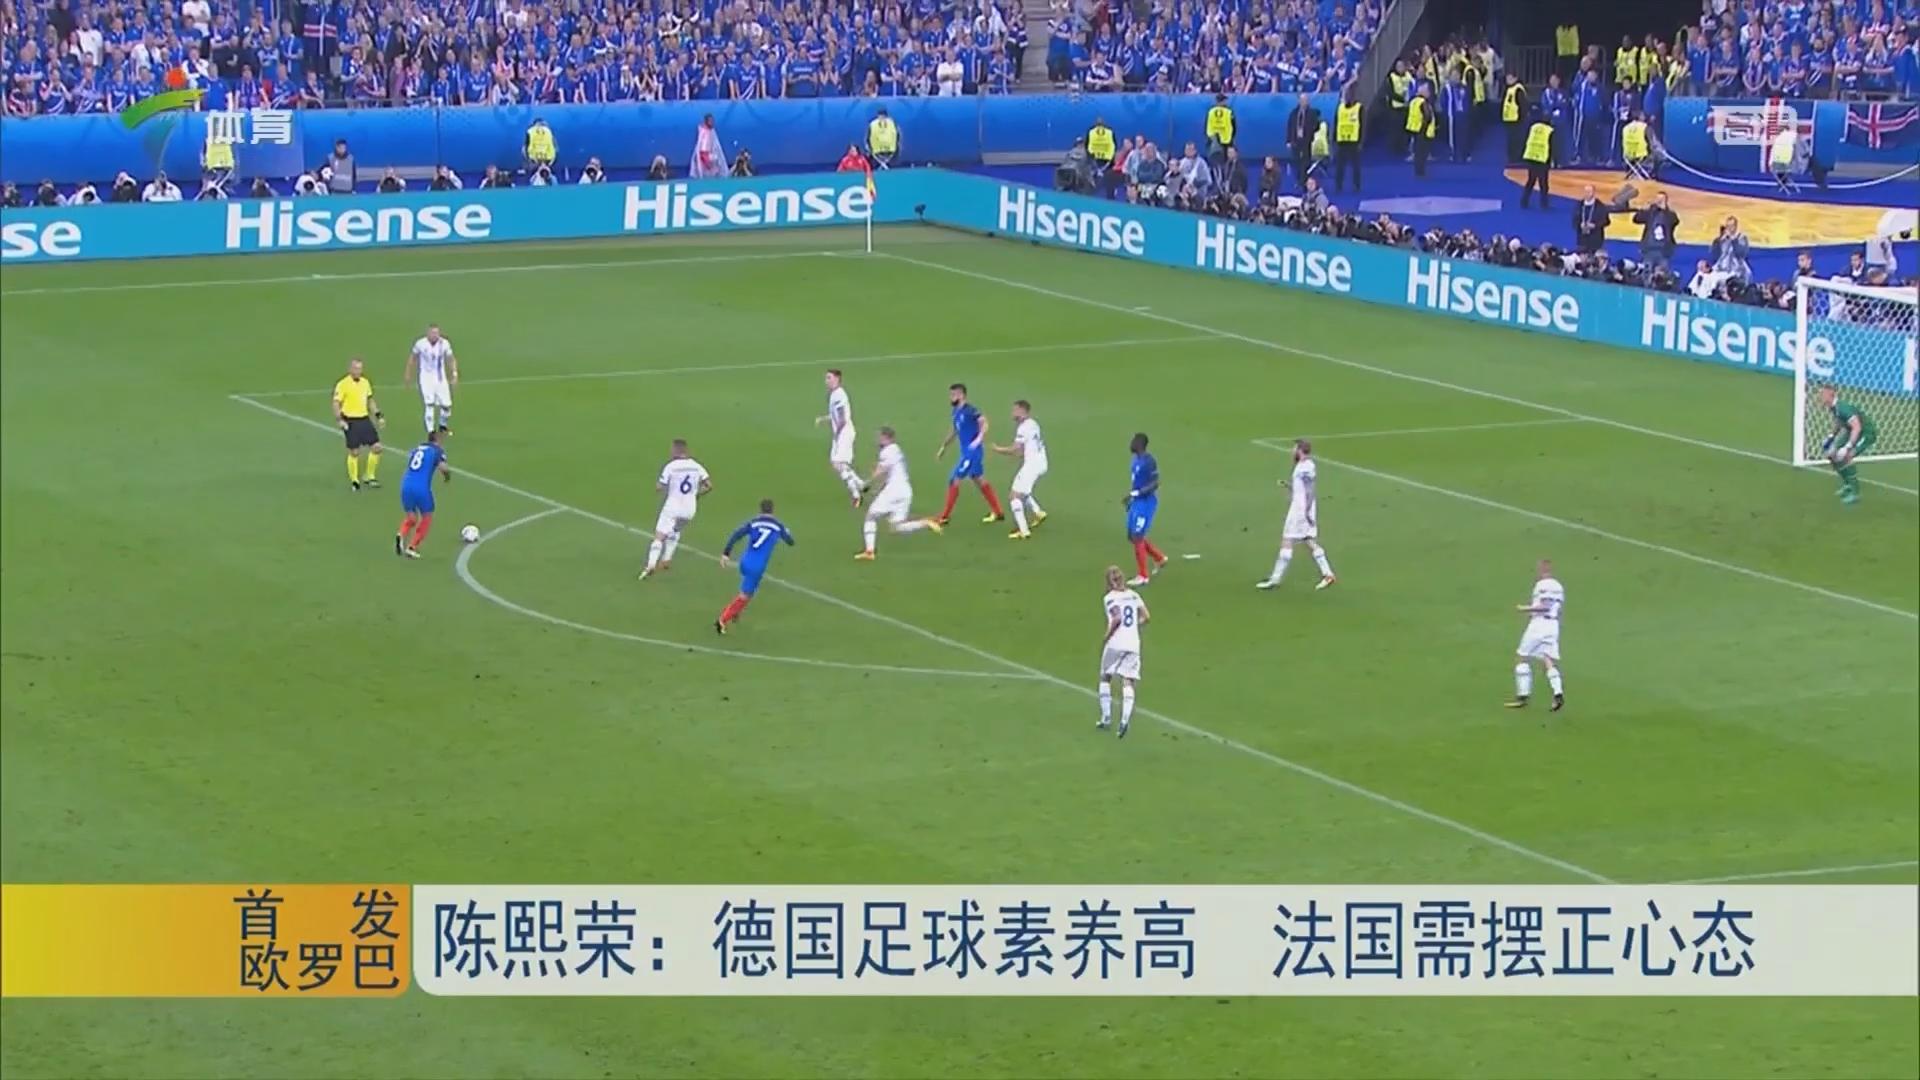 陈熙荣:德国足球素养高 法国需摆正心态